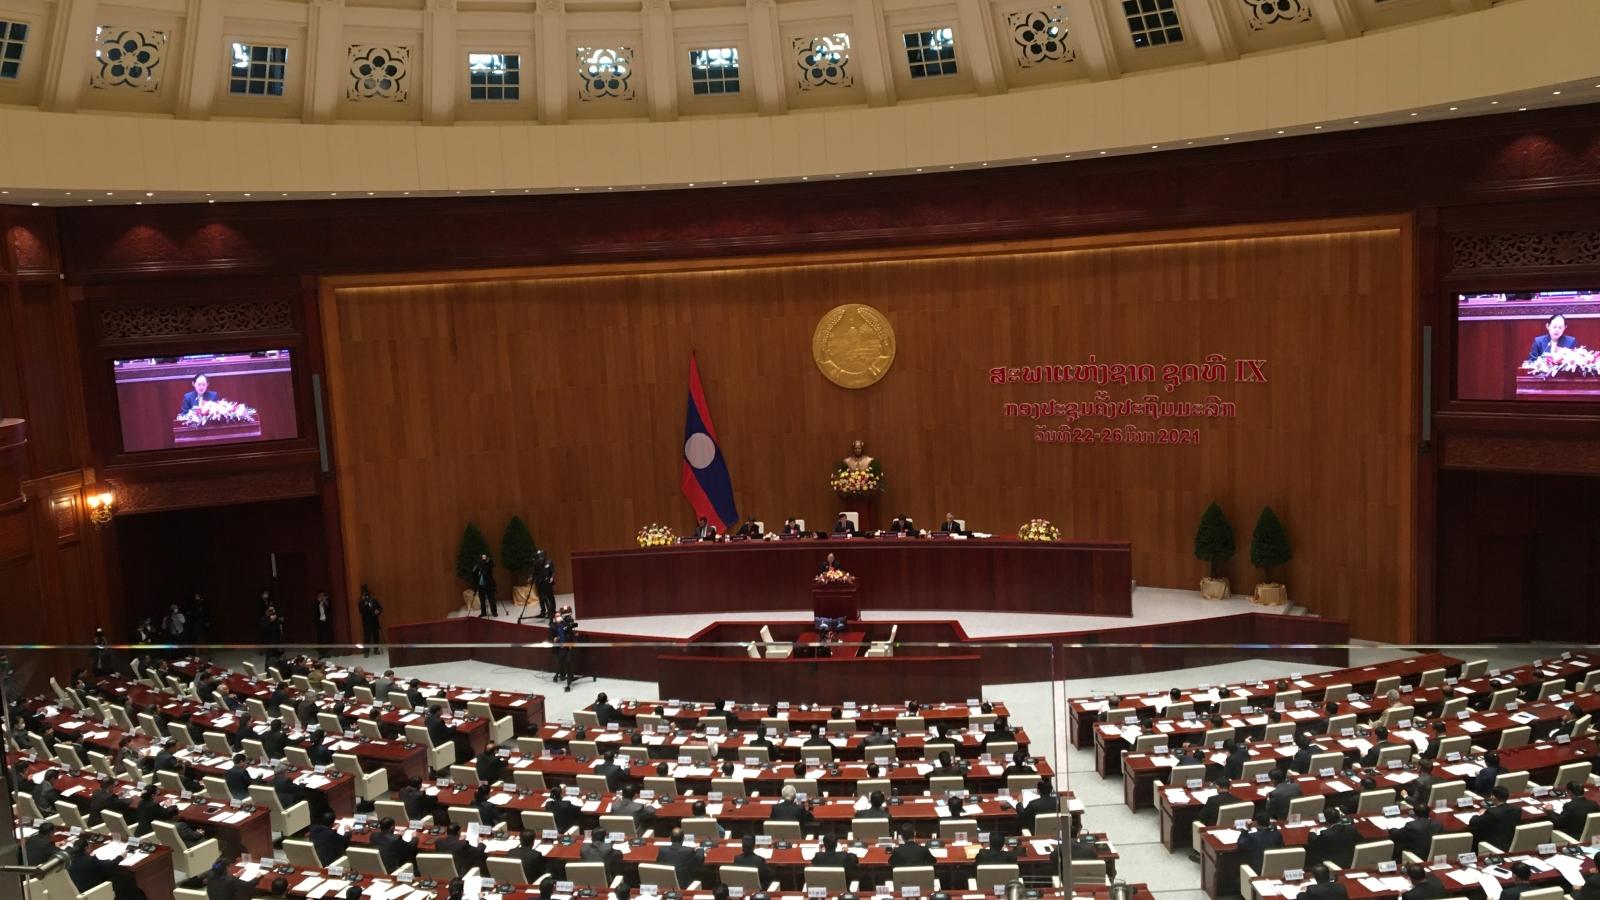 Bế mạc kỳ họp thứ nhất Quốc hội Lào khóa 9